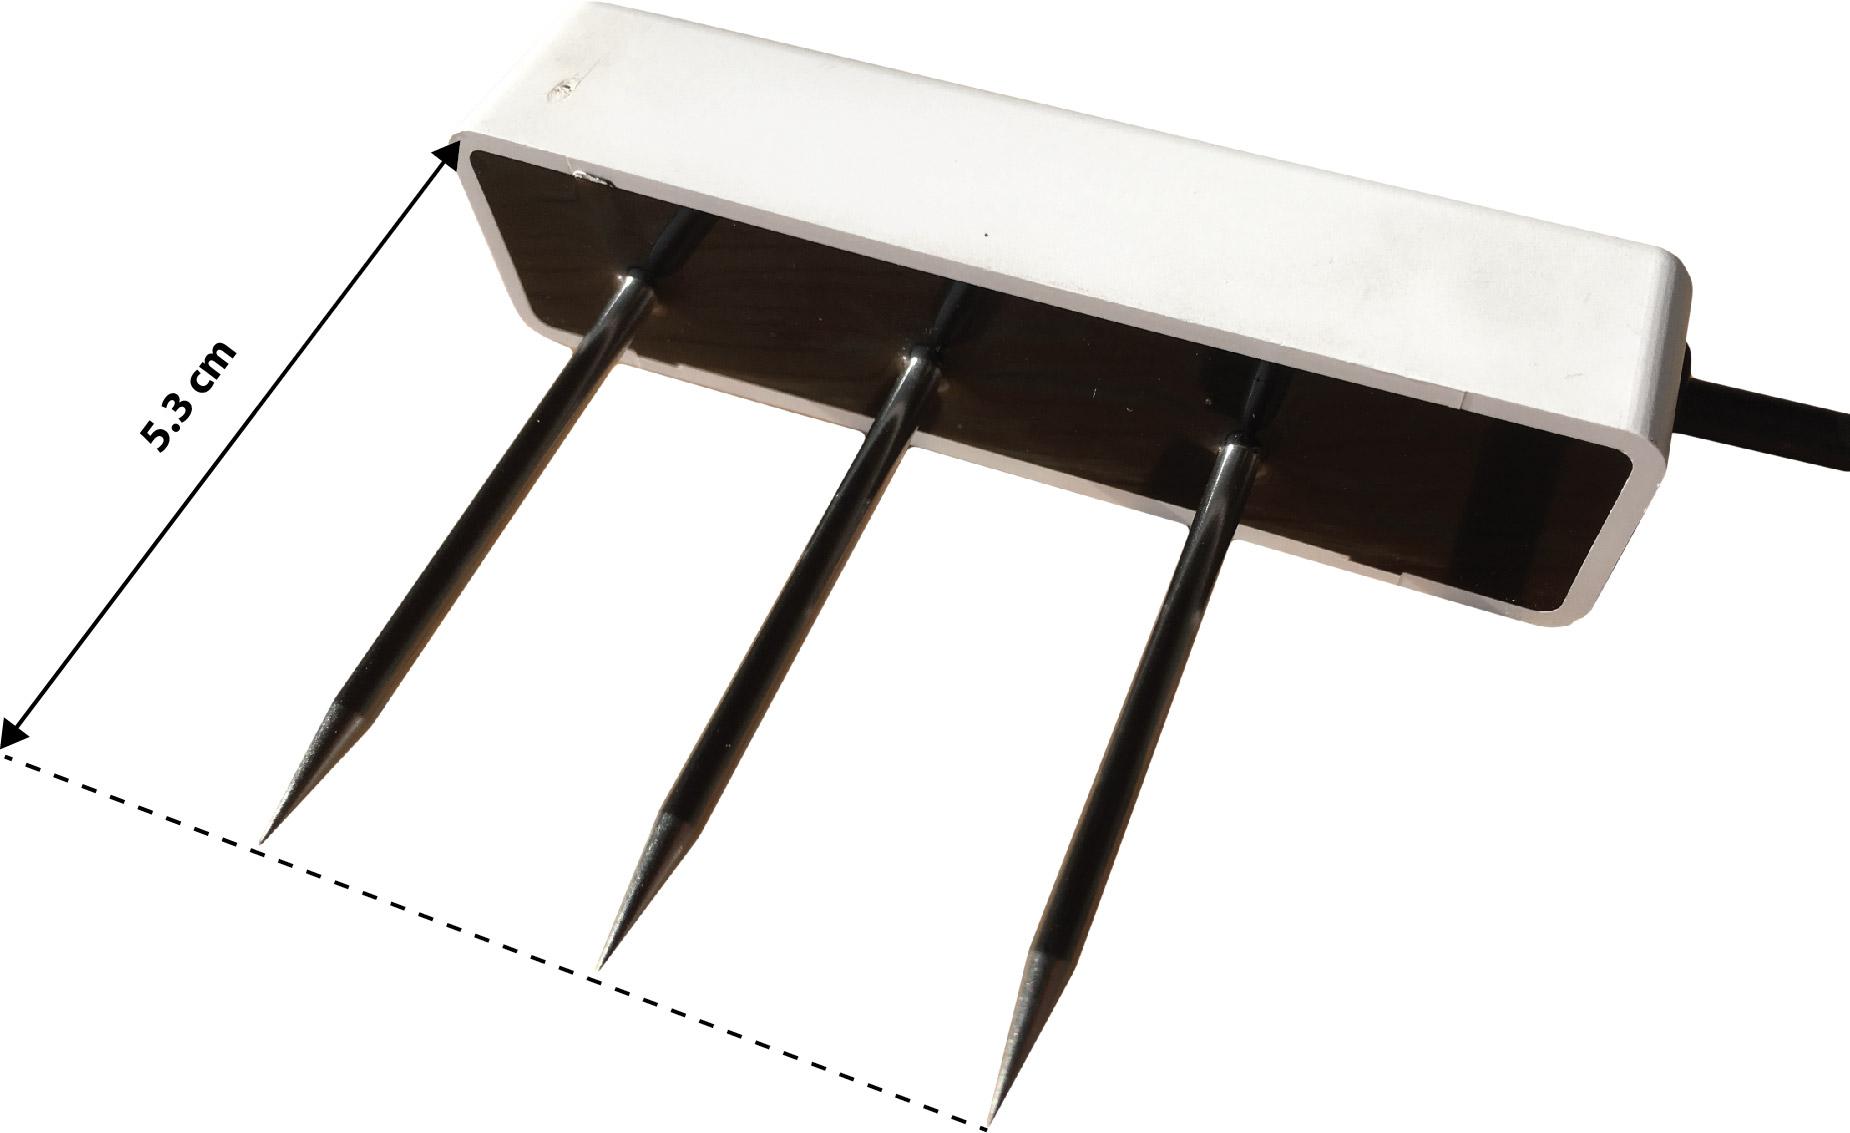 Sondes Teros 11/12 fabriquées par la société Meter Group et longueur des broches